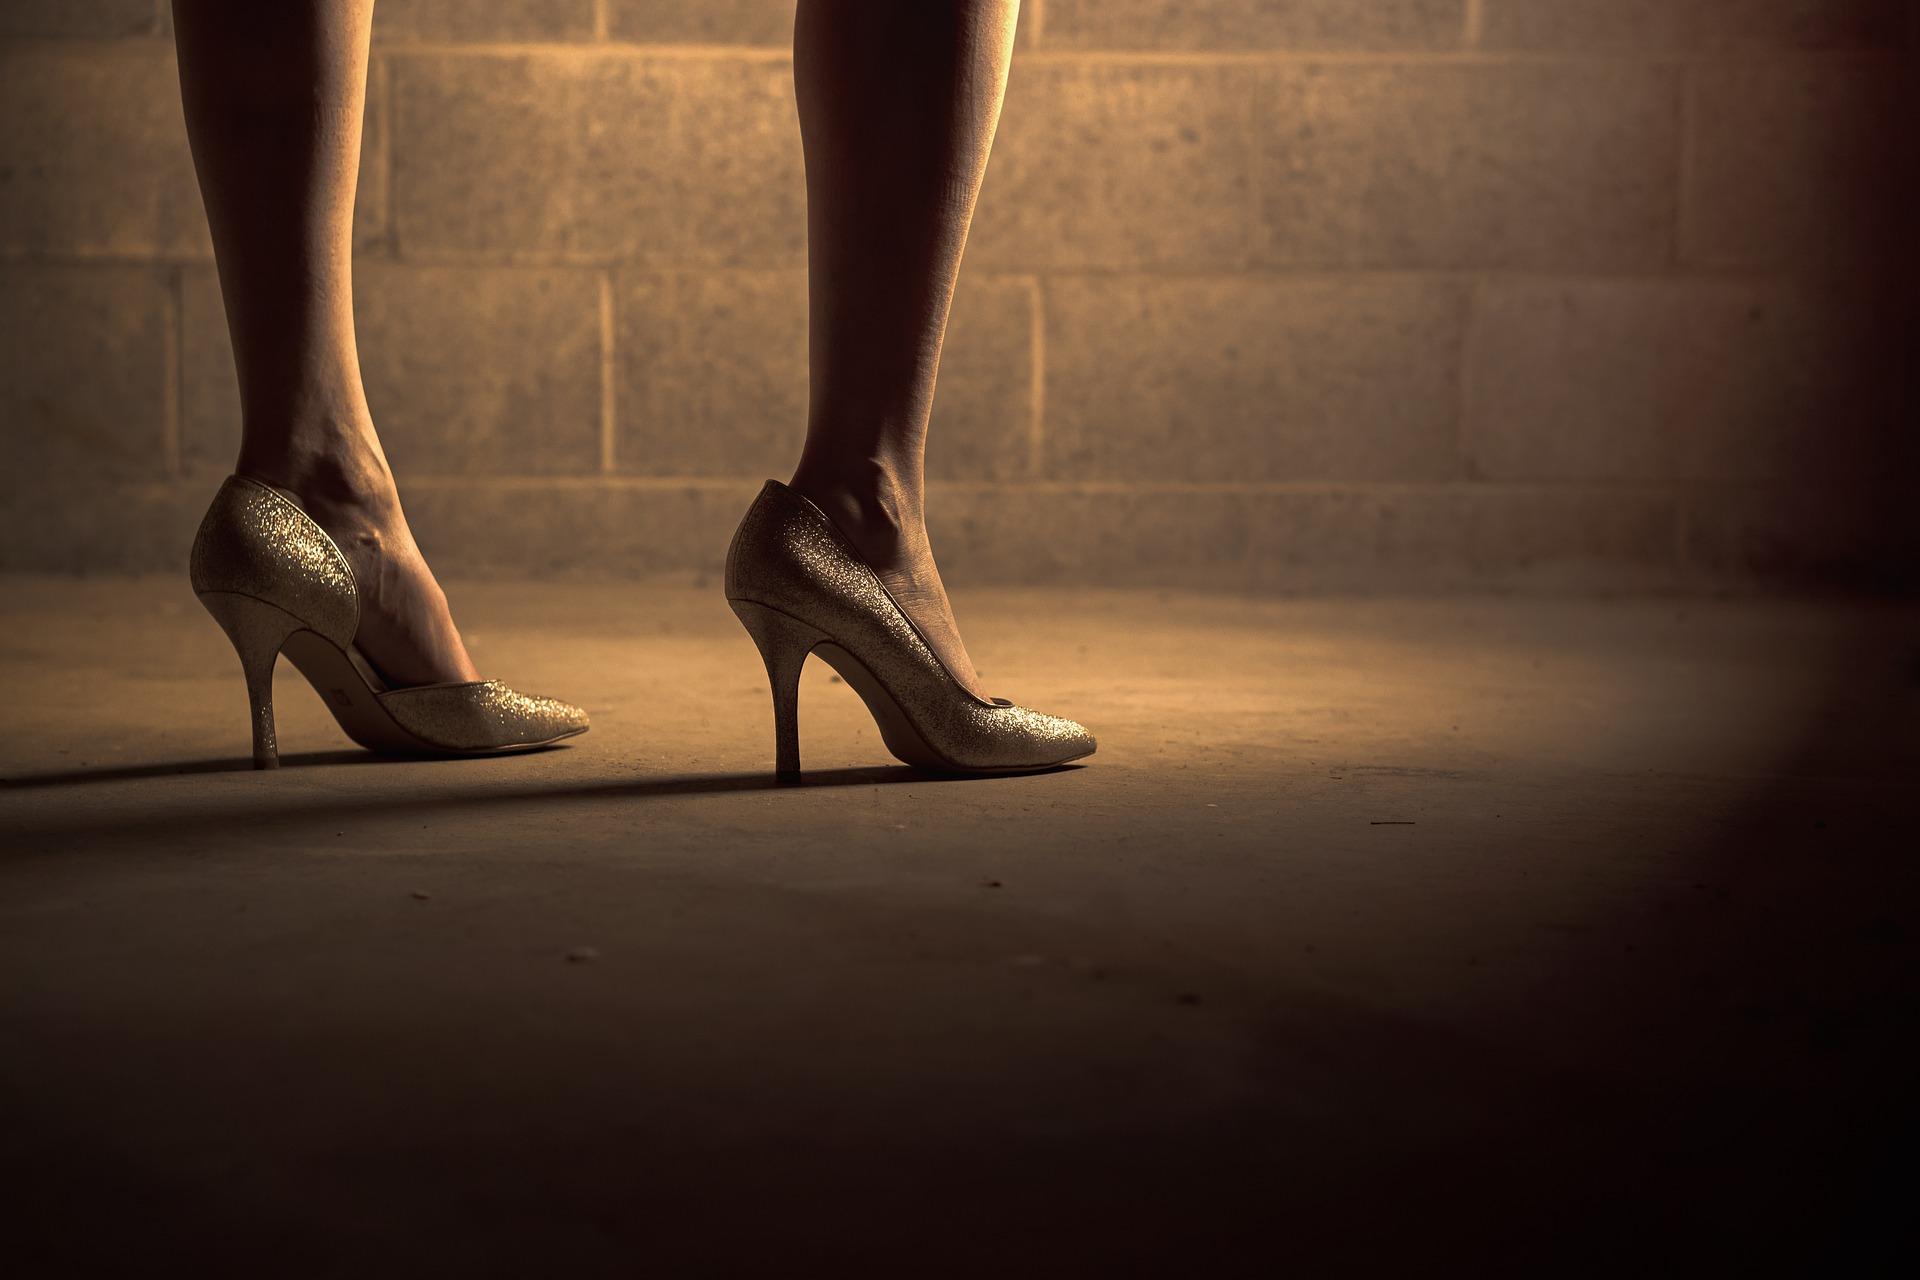 cum purtam pantofii cu toc inalt